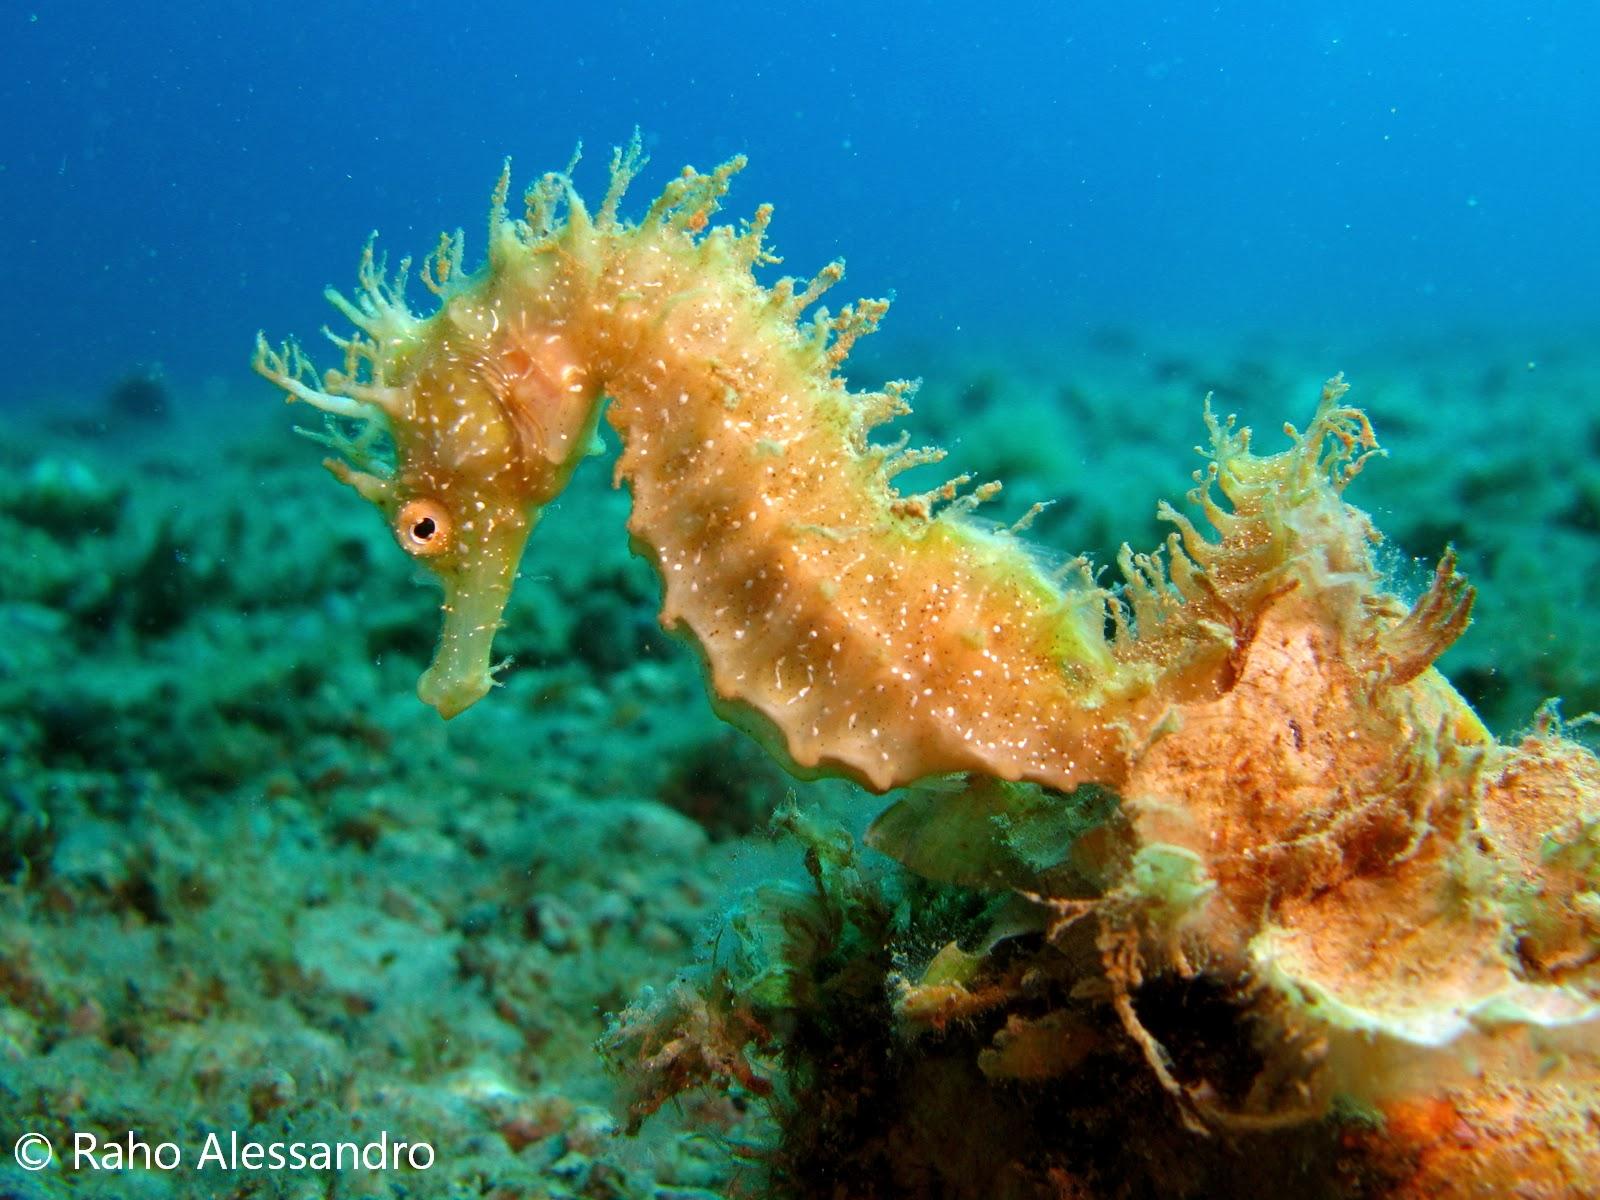 Necton e plancton pesci cavalluccio marino hippocampus for Immagini di cavalluccio marino